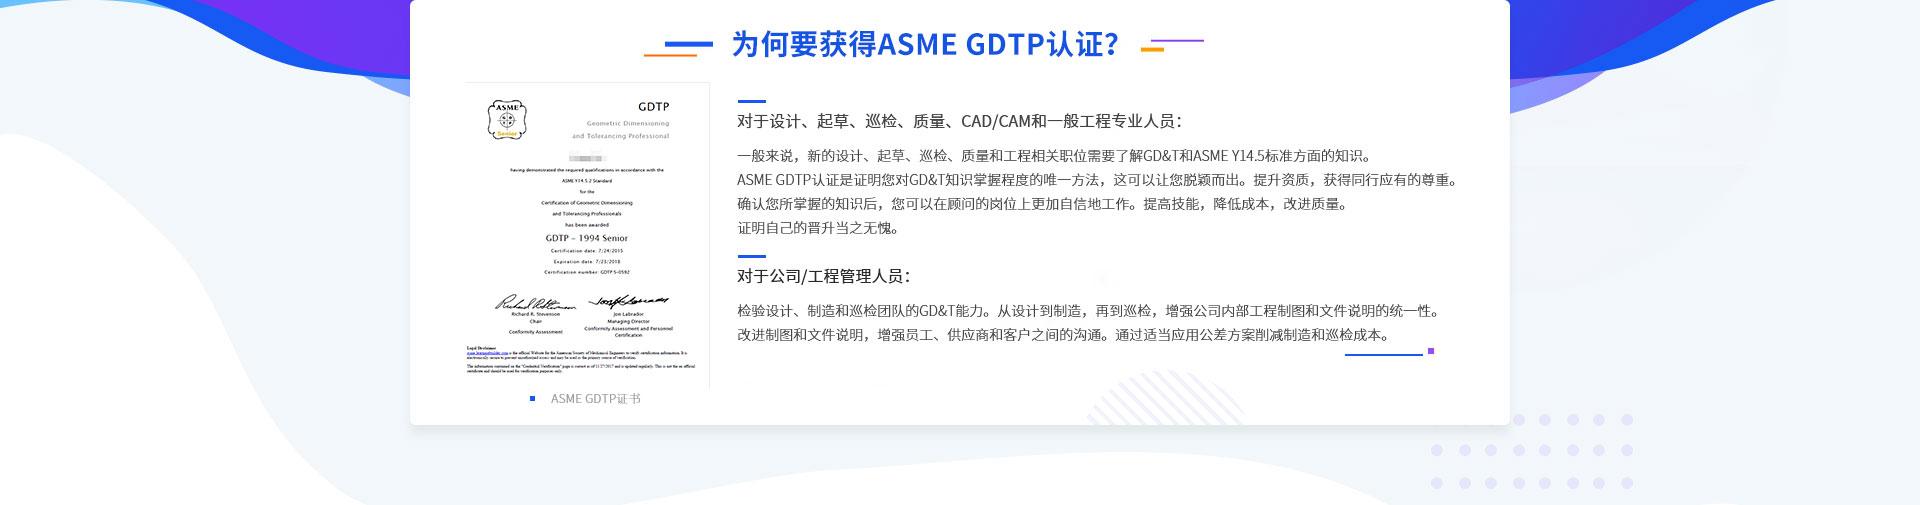 为何要获得ASME GDTP认证?